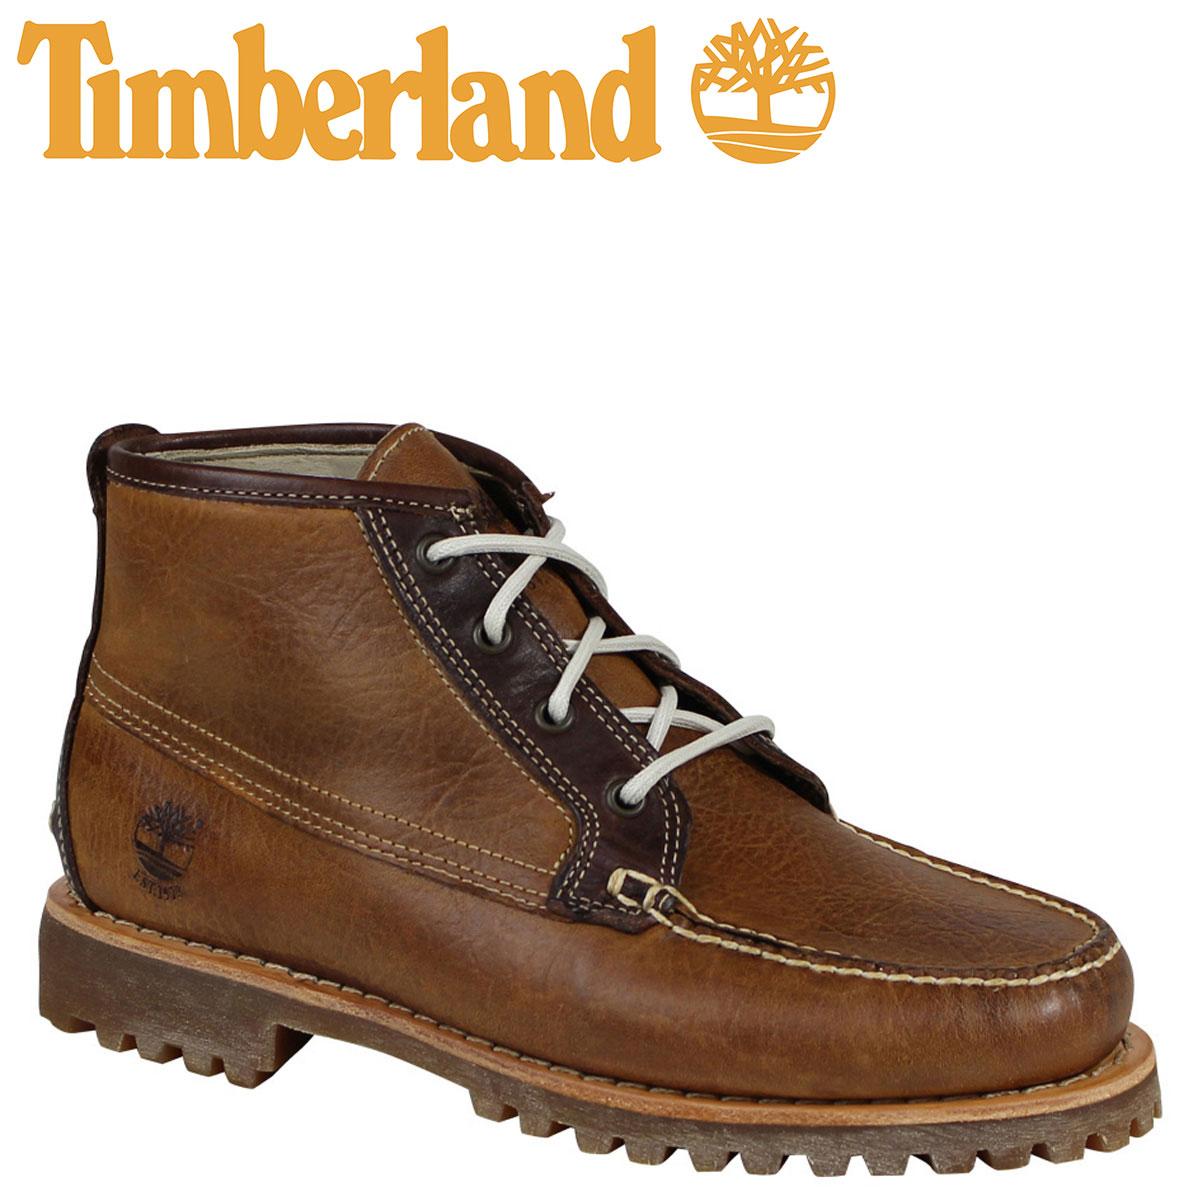 ティンバーランド チャッカ メンズ Timberland ブーツ AUTHENTICS A17UT Wワイズ ブラウン